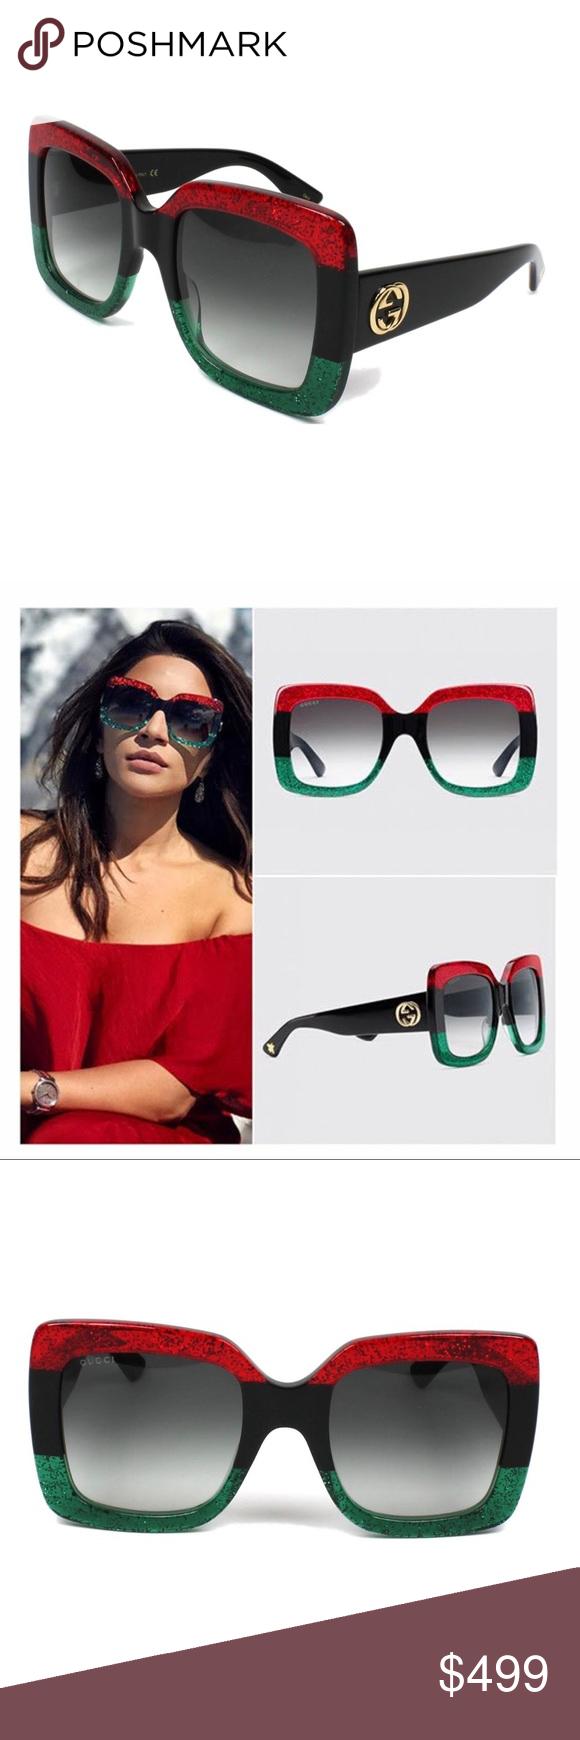 de3e9957282 GUCCI Large square Sunglasses Glitter Red   Black GUCCI Large square  Sunglasses Glitter Red